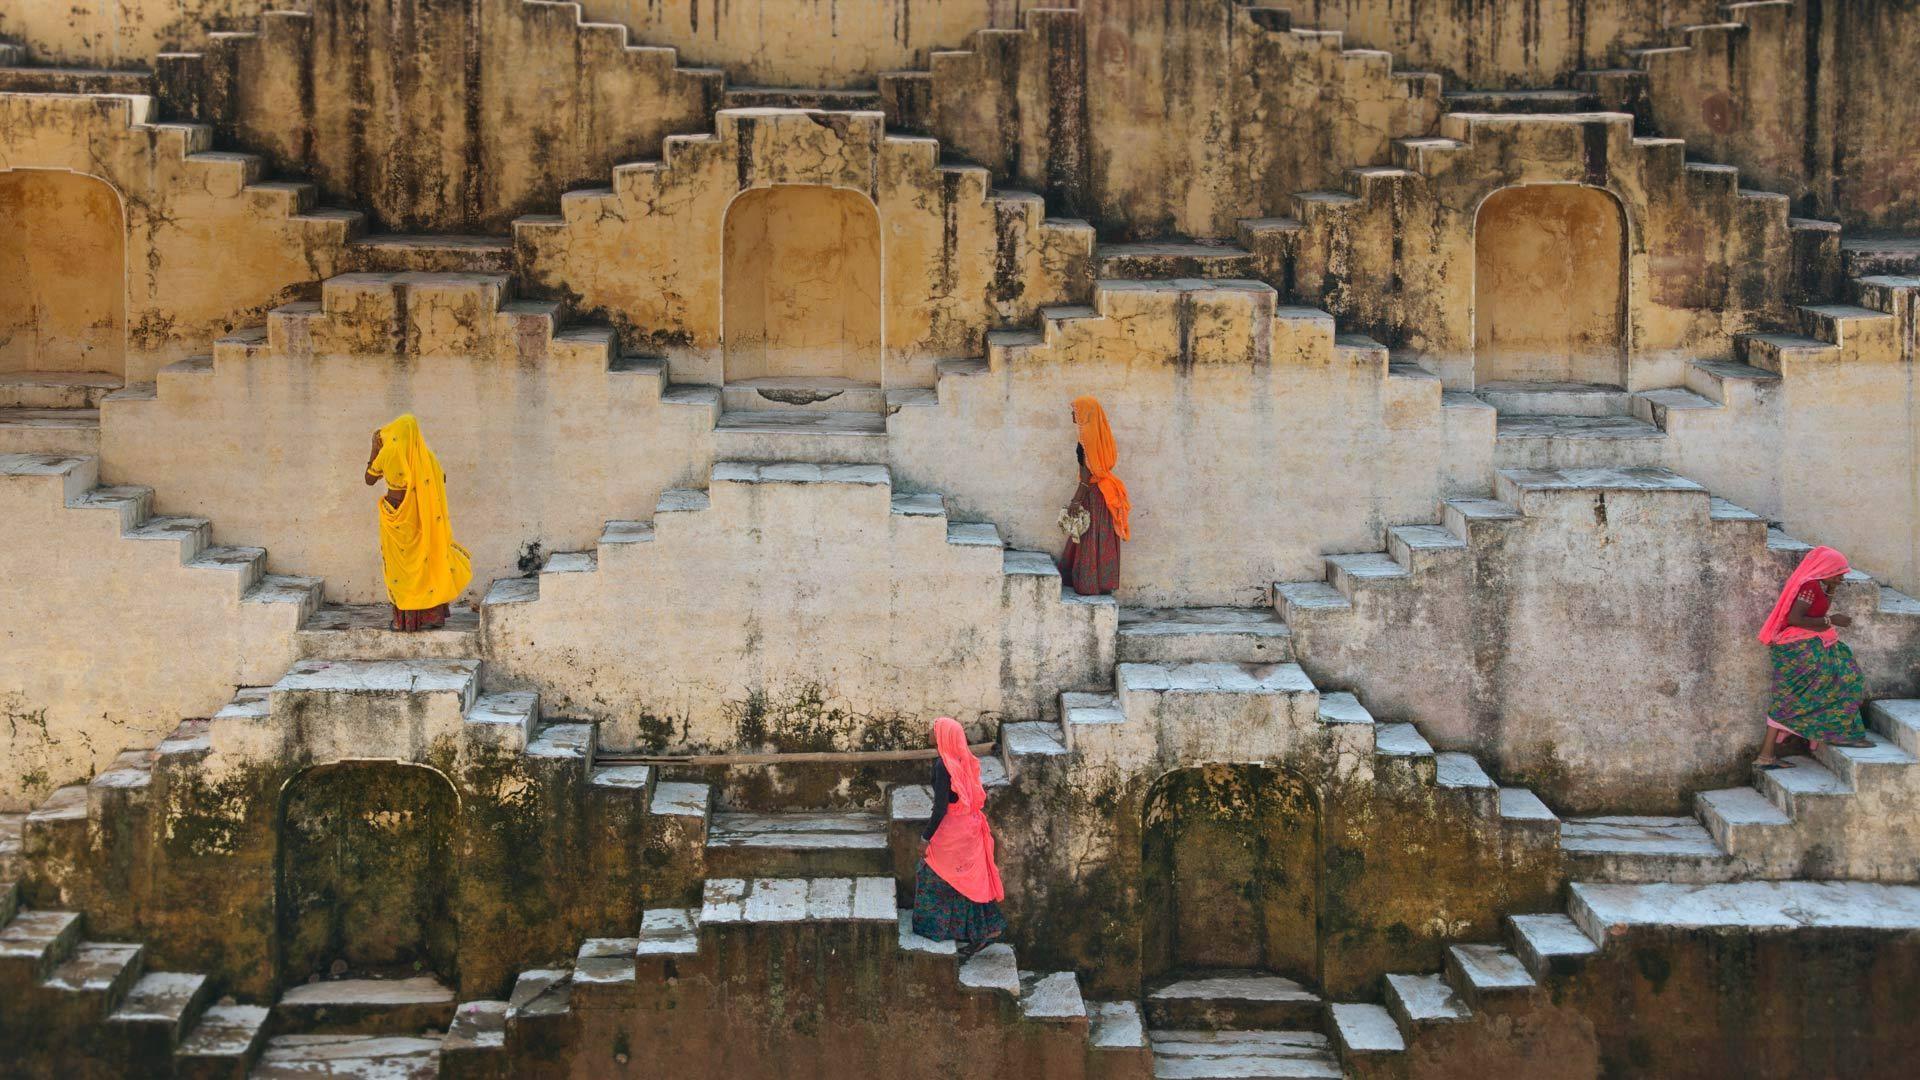 斋浦尔琥珀堡附近当地妇女正在爬阶梯井琥珀堡